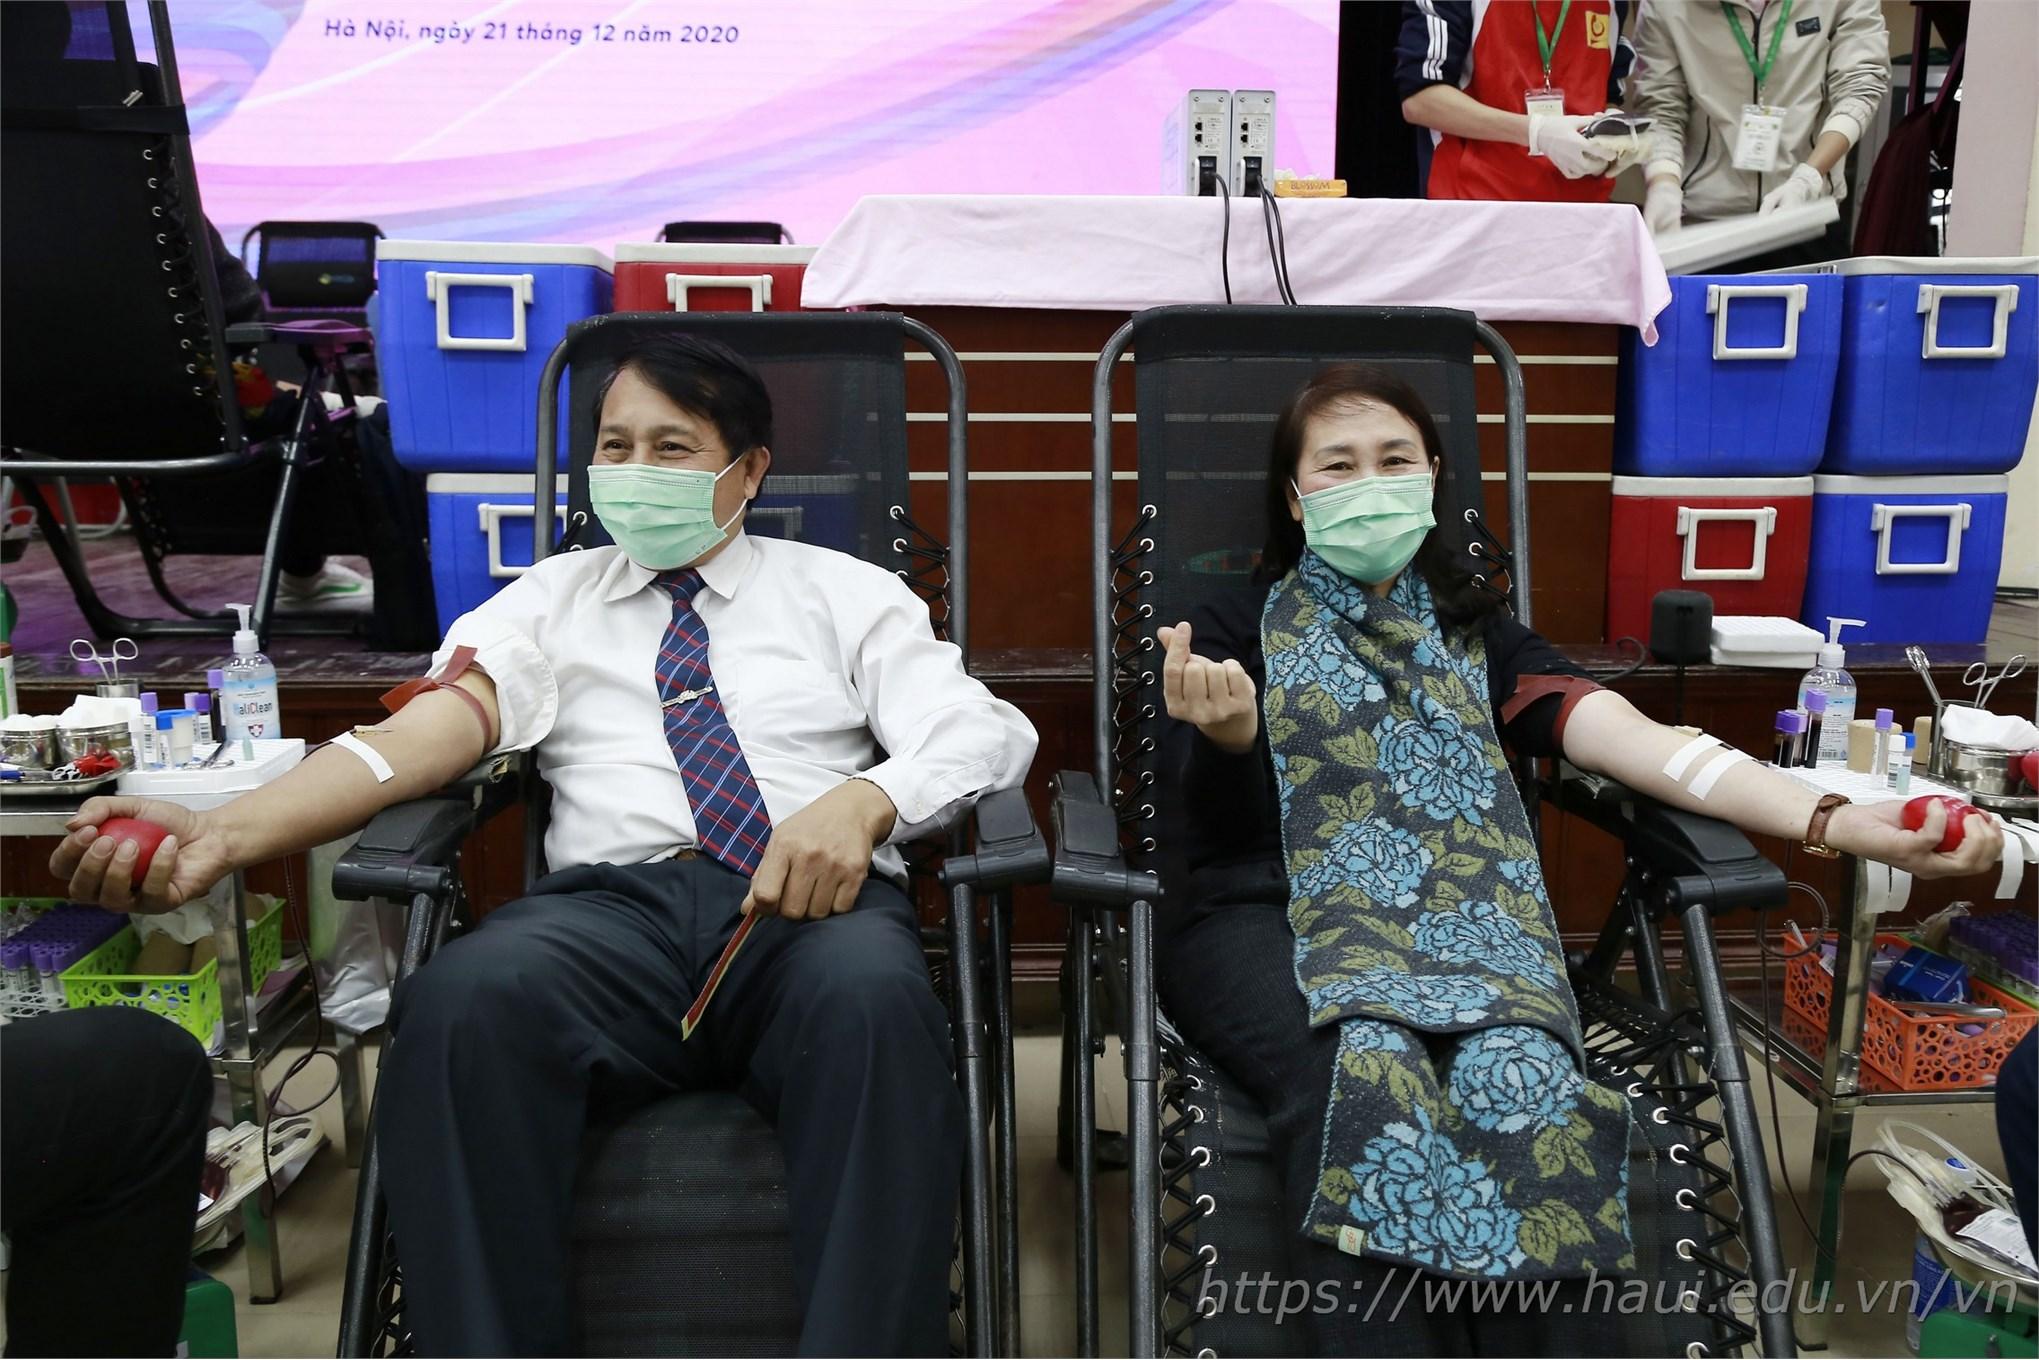 Ngày hội Cầu vồng nhân ái 2020 tại Đại học Công nghiệp Hà Nội